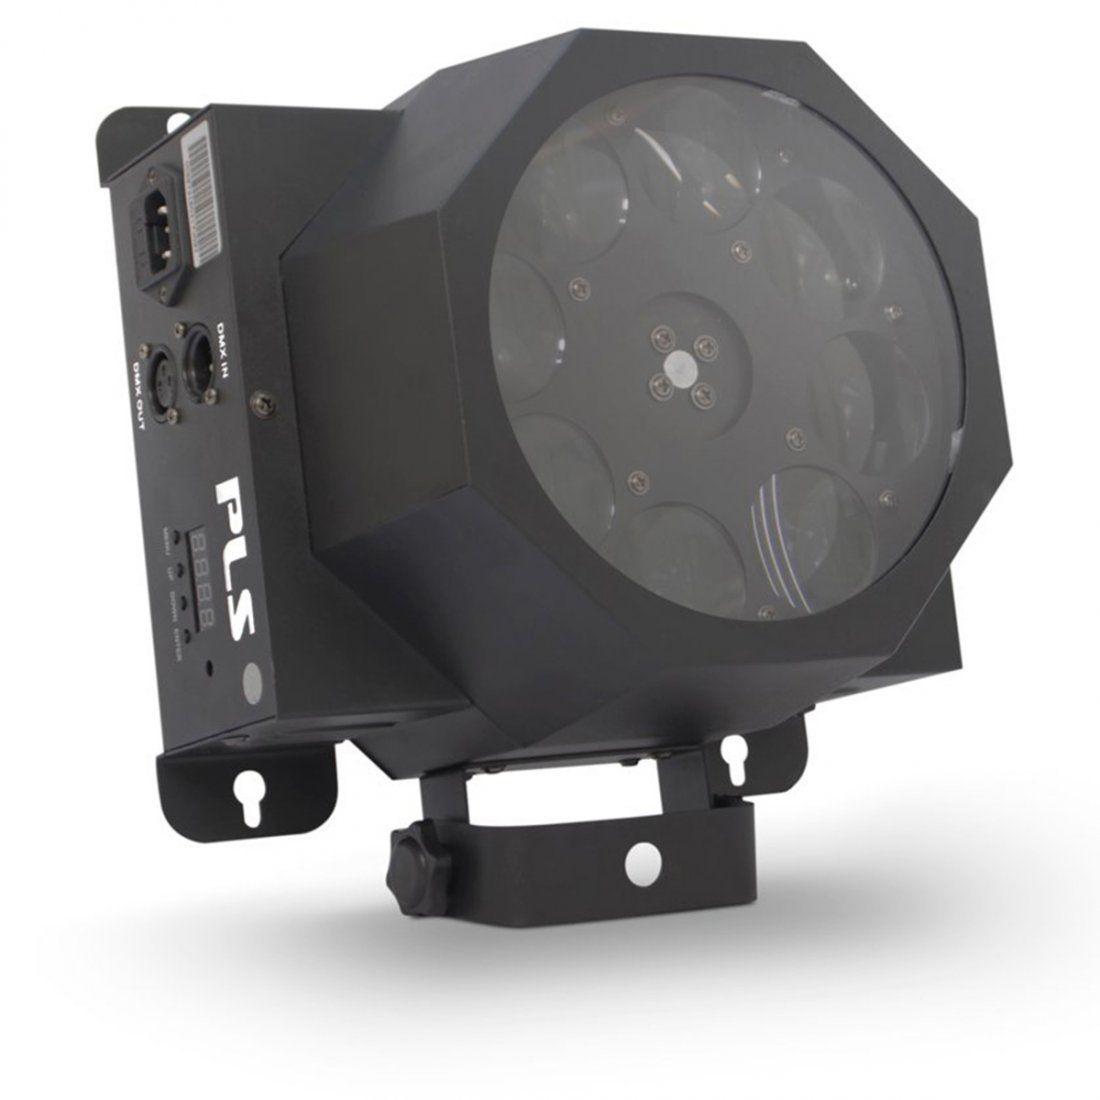 Pls Disco Canhão Refletor de LED Pls Disco para Festas com Lâmpadas 5W